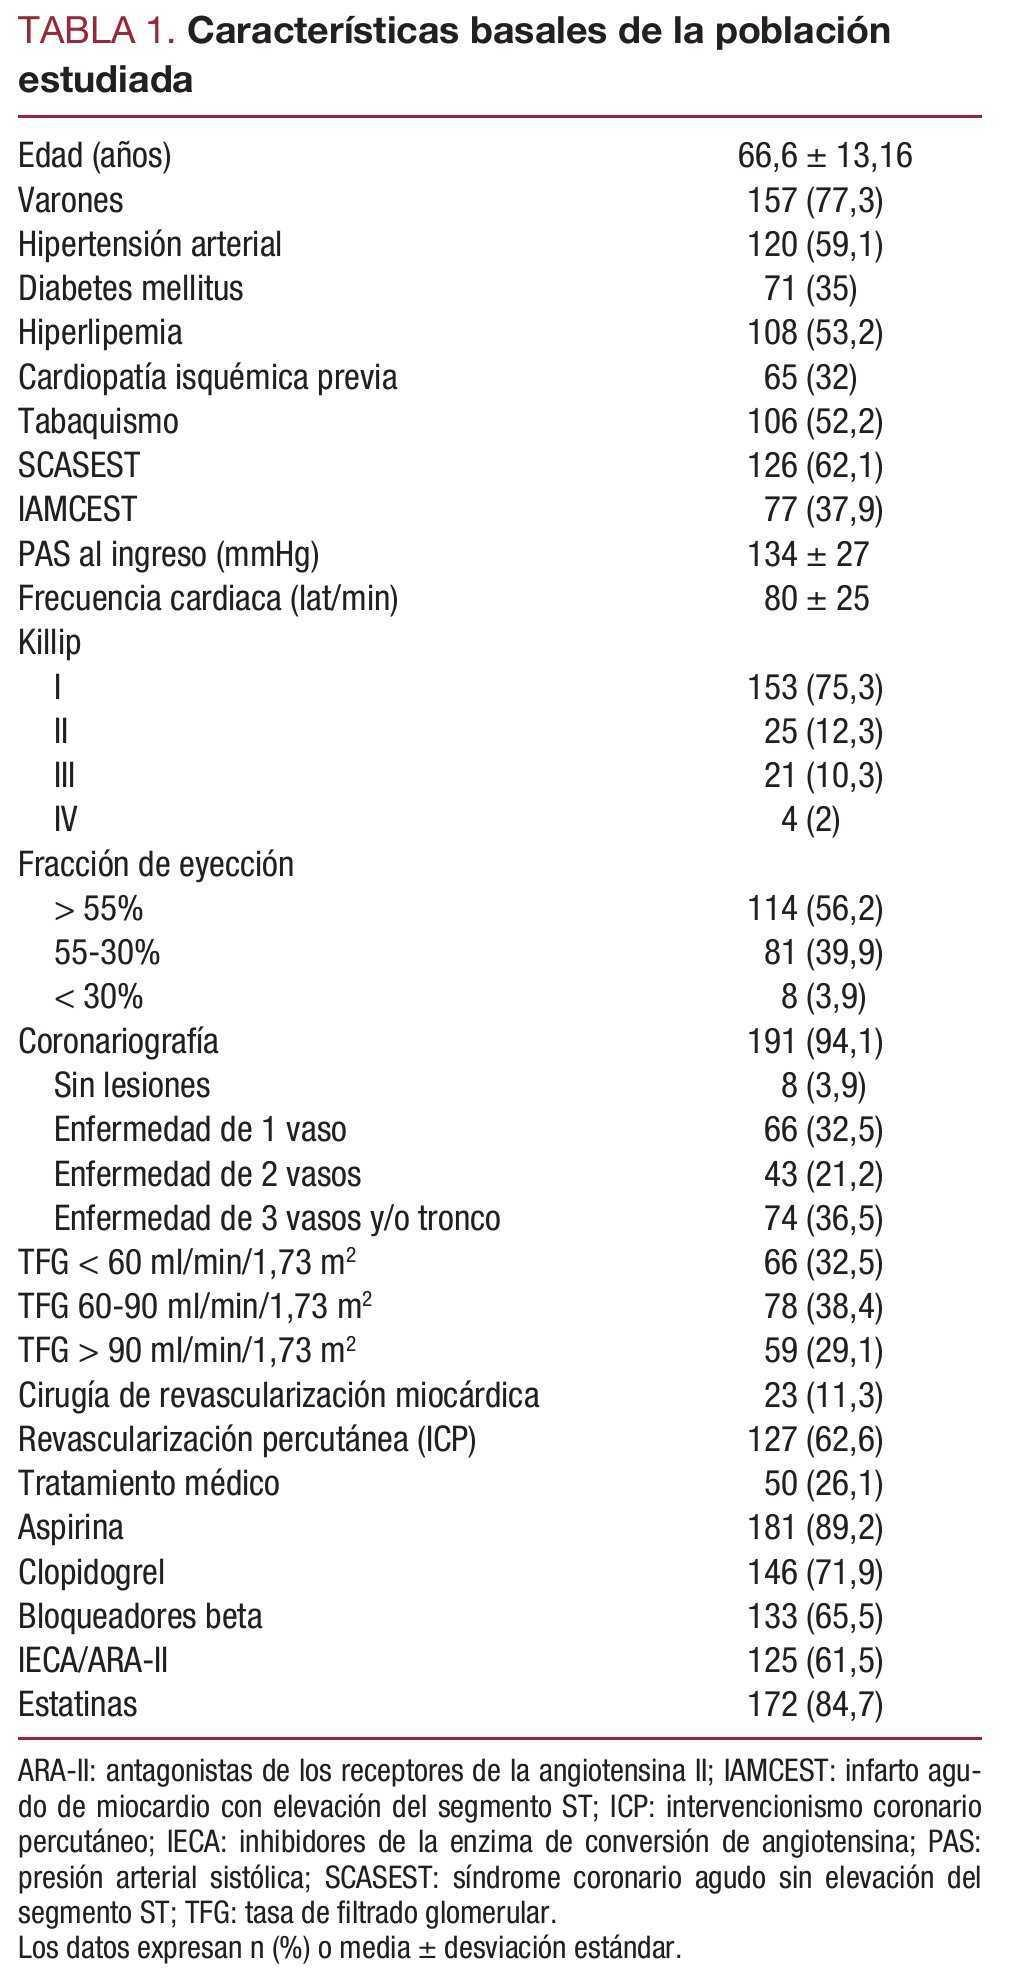 Presión arterial 114 53 ¿qué significa